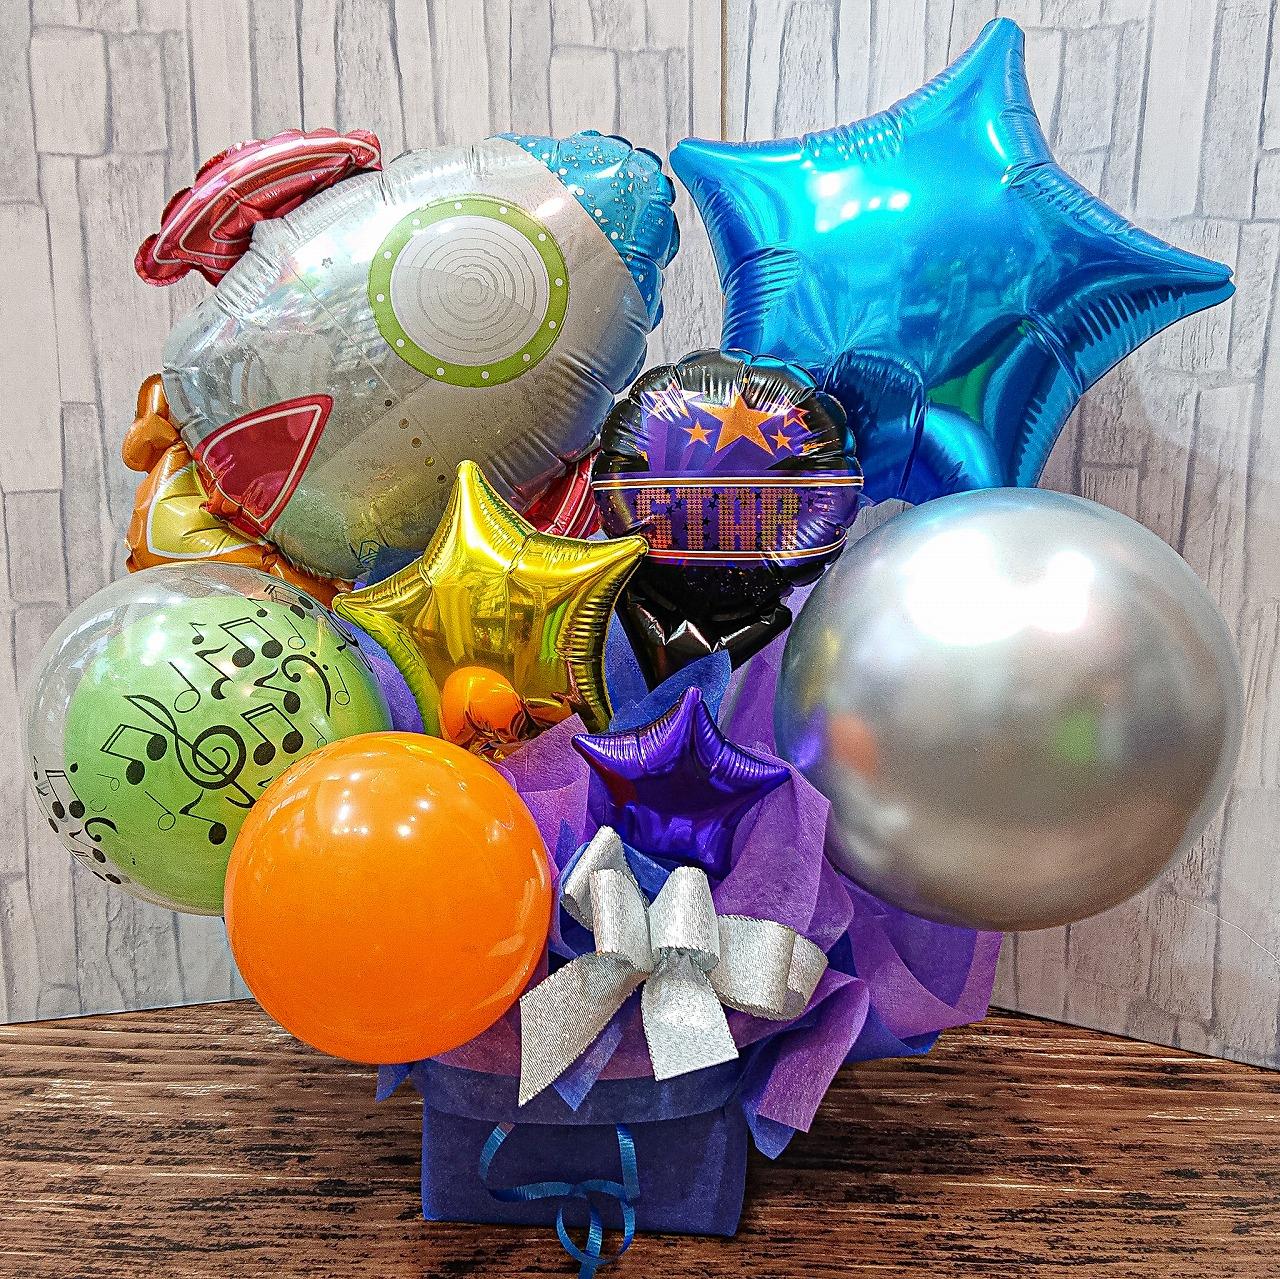 元気いっぱい、誕生日、ダンス、発表会向けの作品です。ダンス発表会、誕生日アレンジです  pb0085